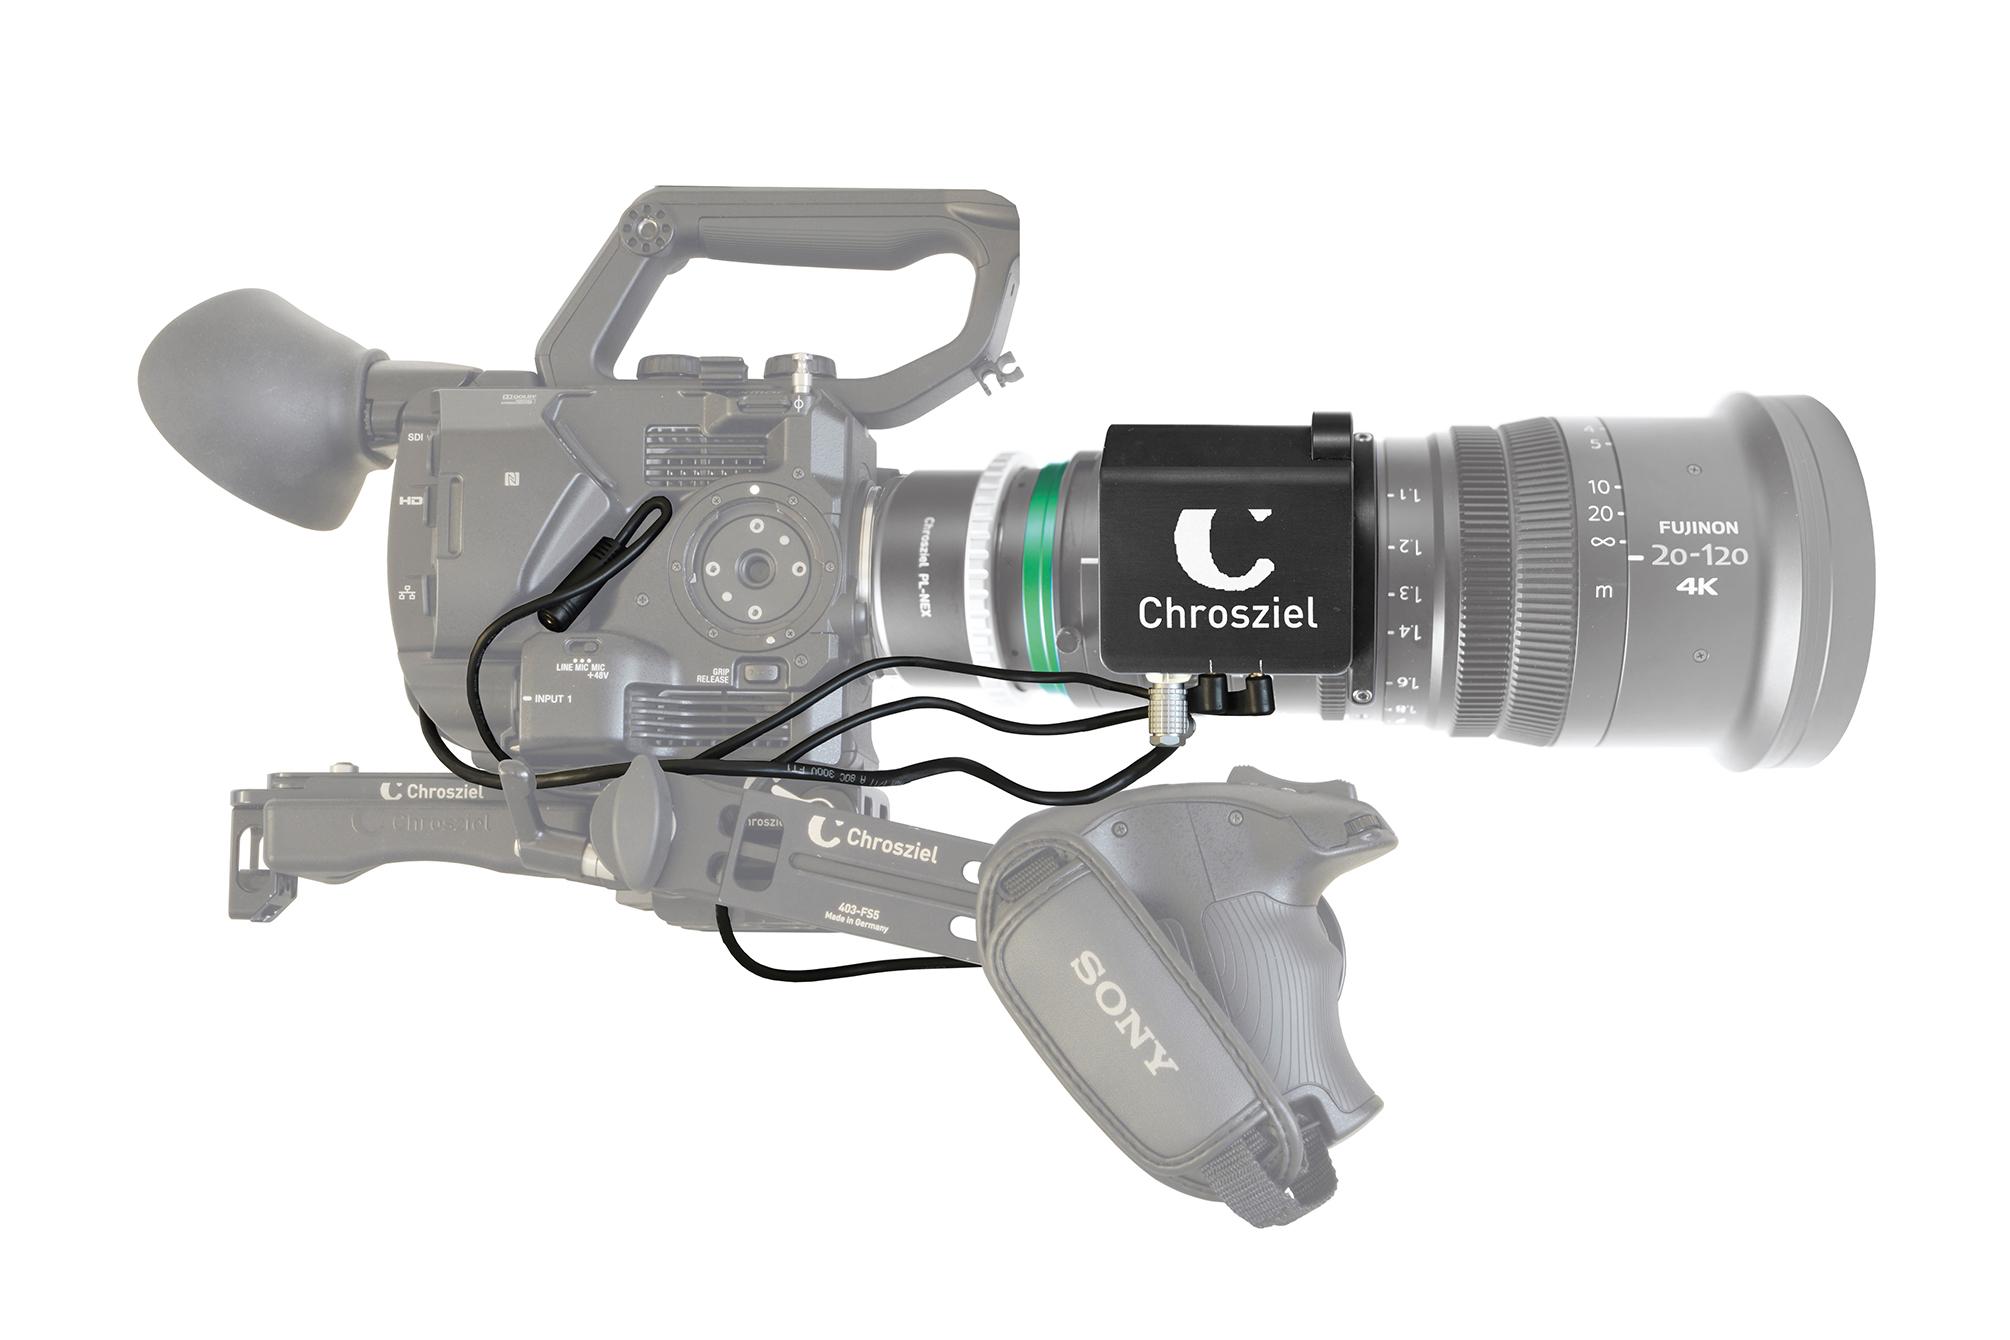 Zoom-Motor Fujinon XK ver 2